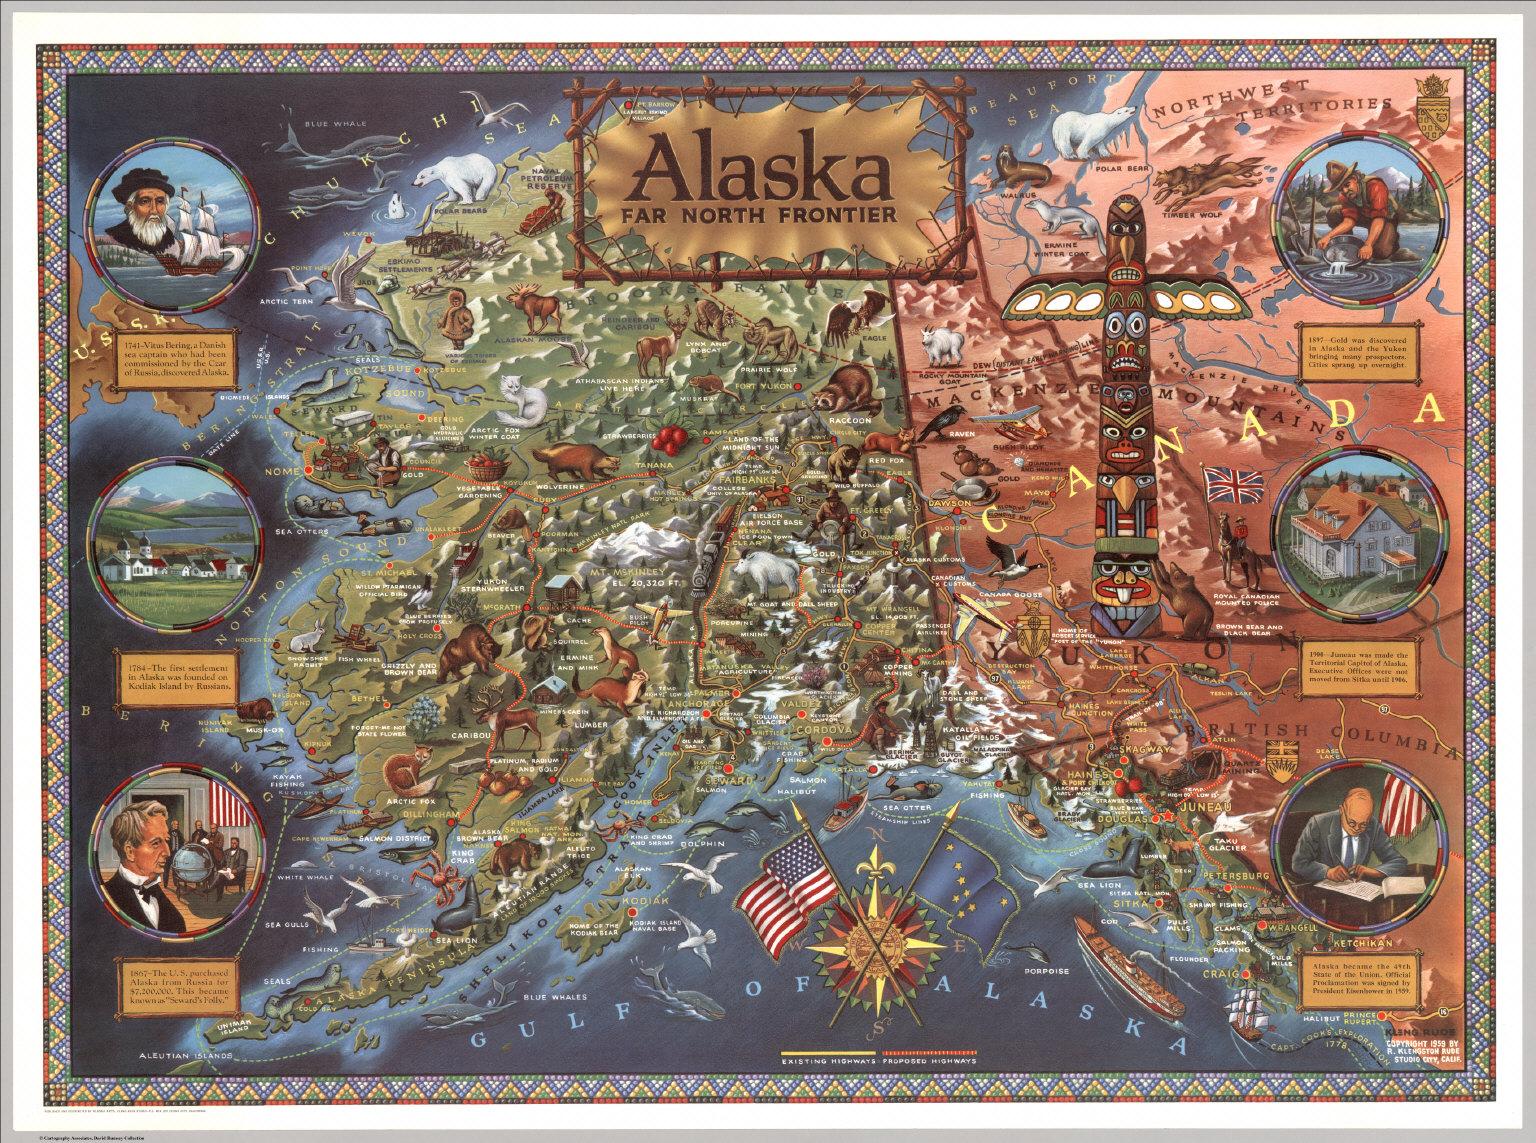 Alaska: Far North frontier